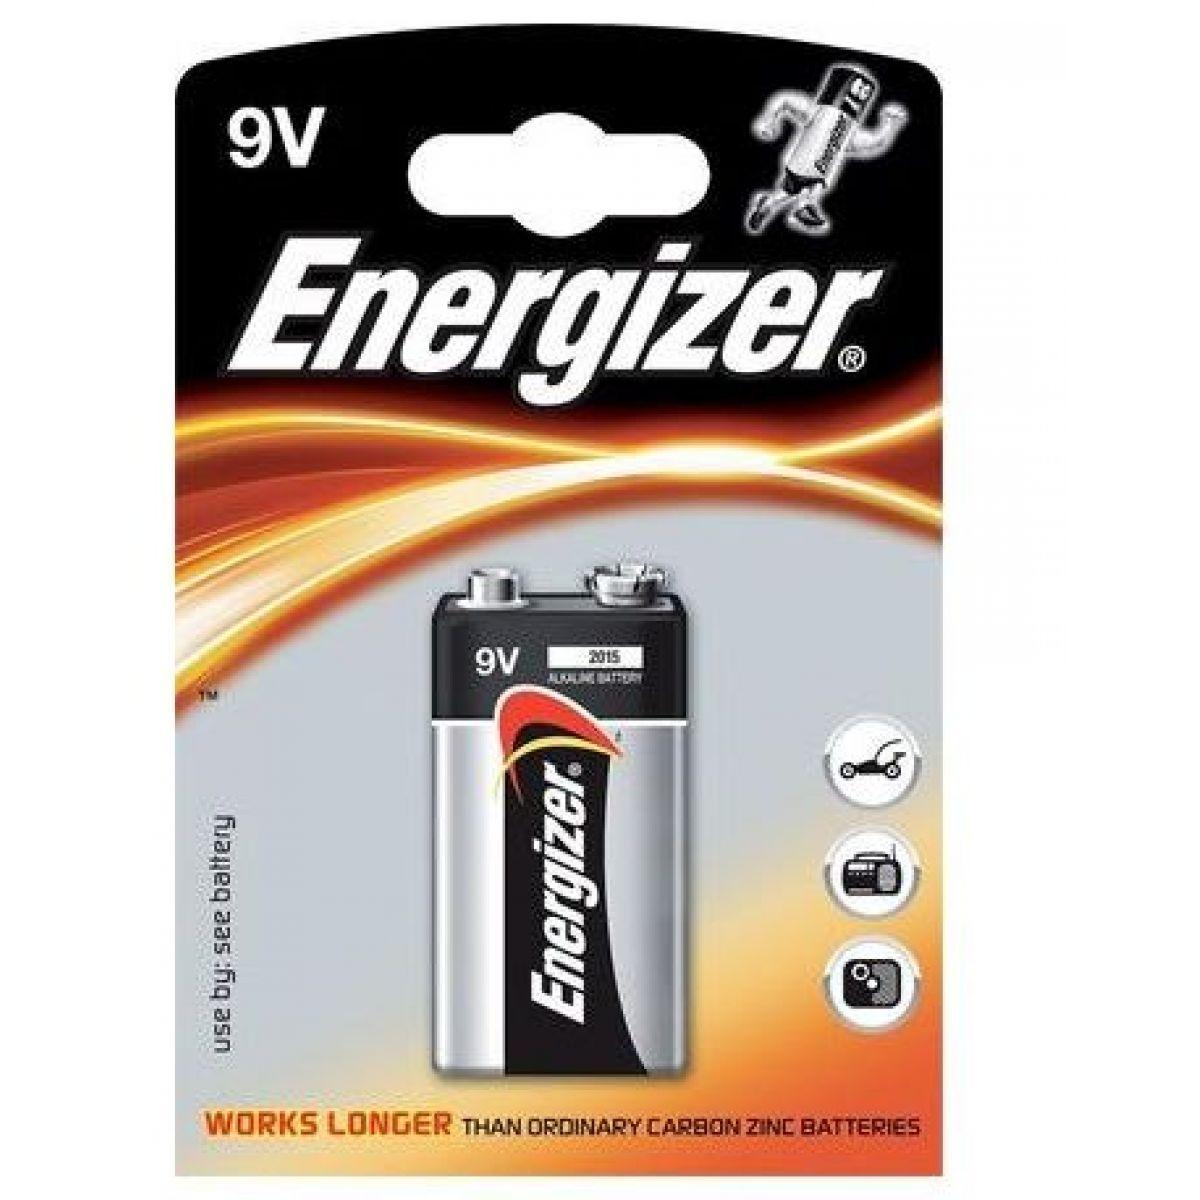 Energizer Power 9V 1ks EN-E300127700